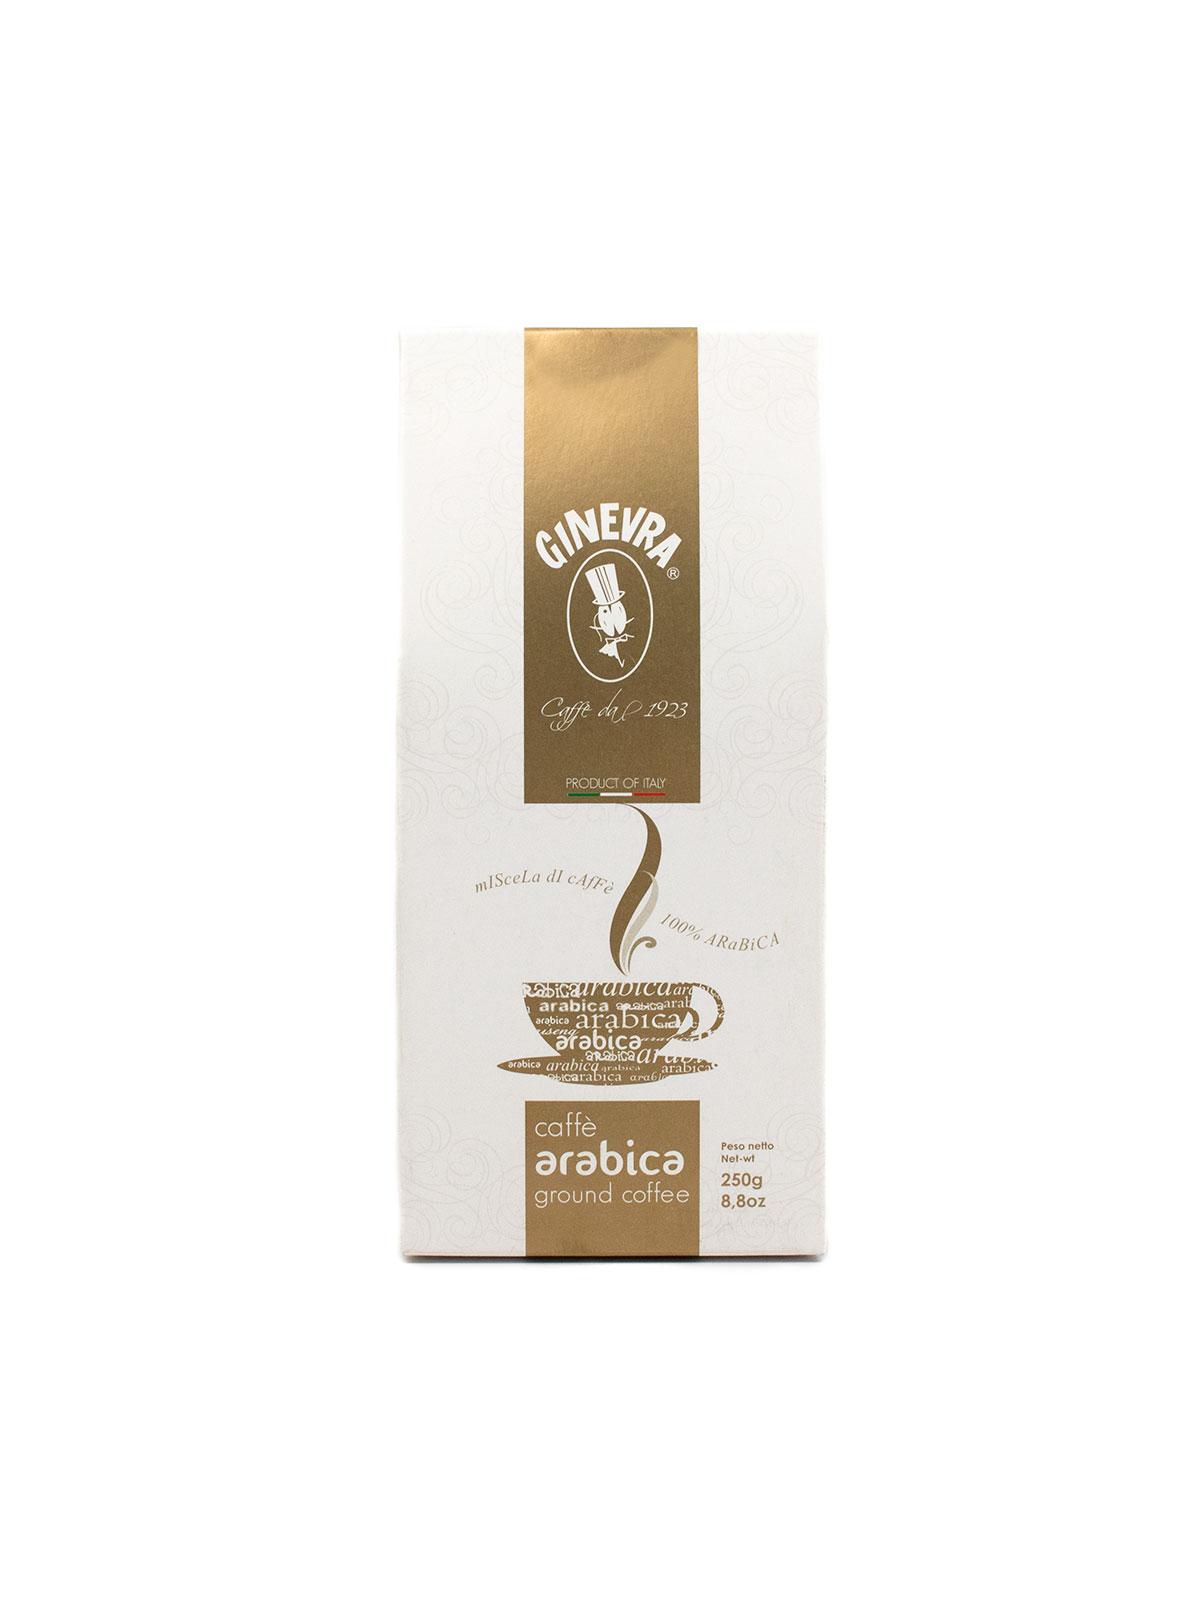 Arabica Ground Coffee - Beverages - Buon'Italia